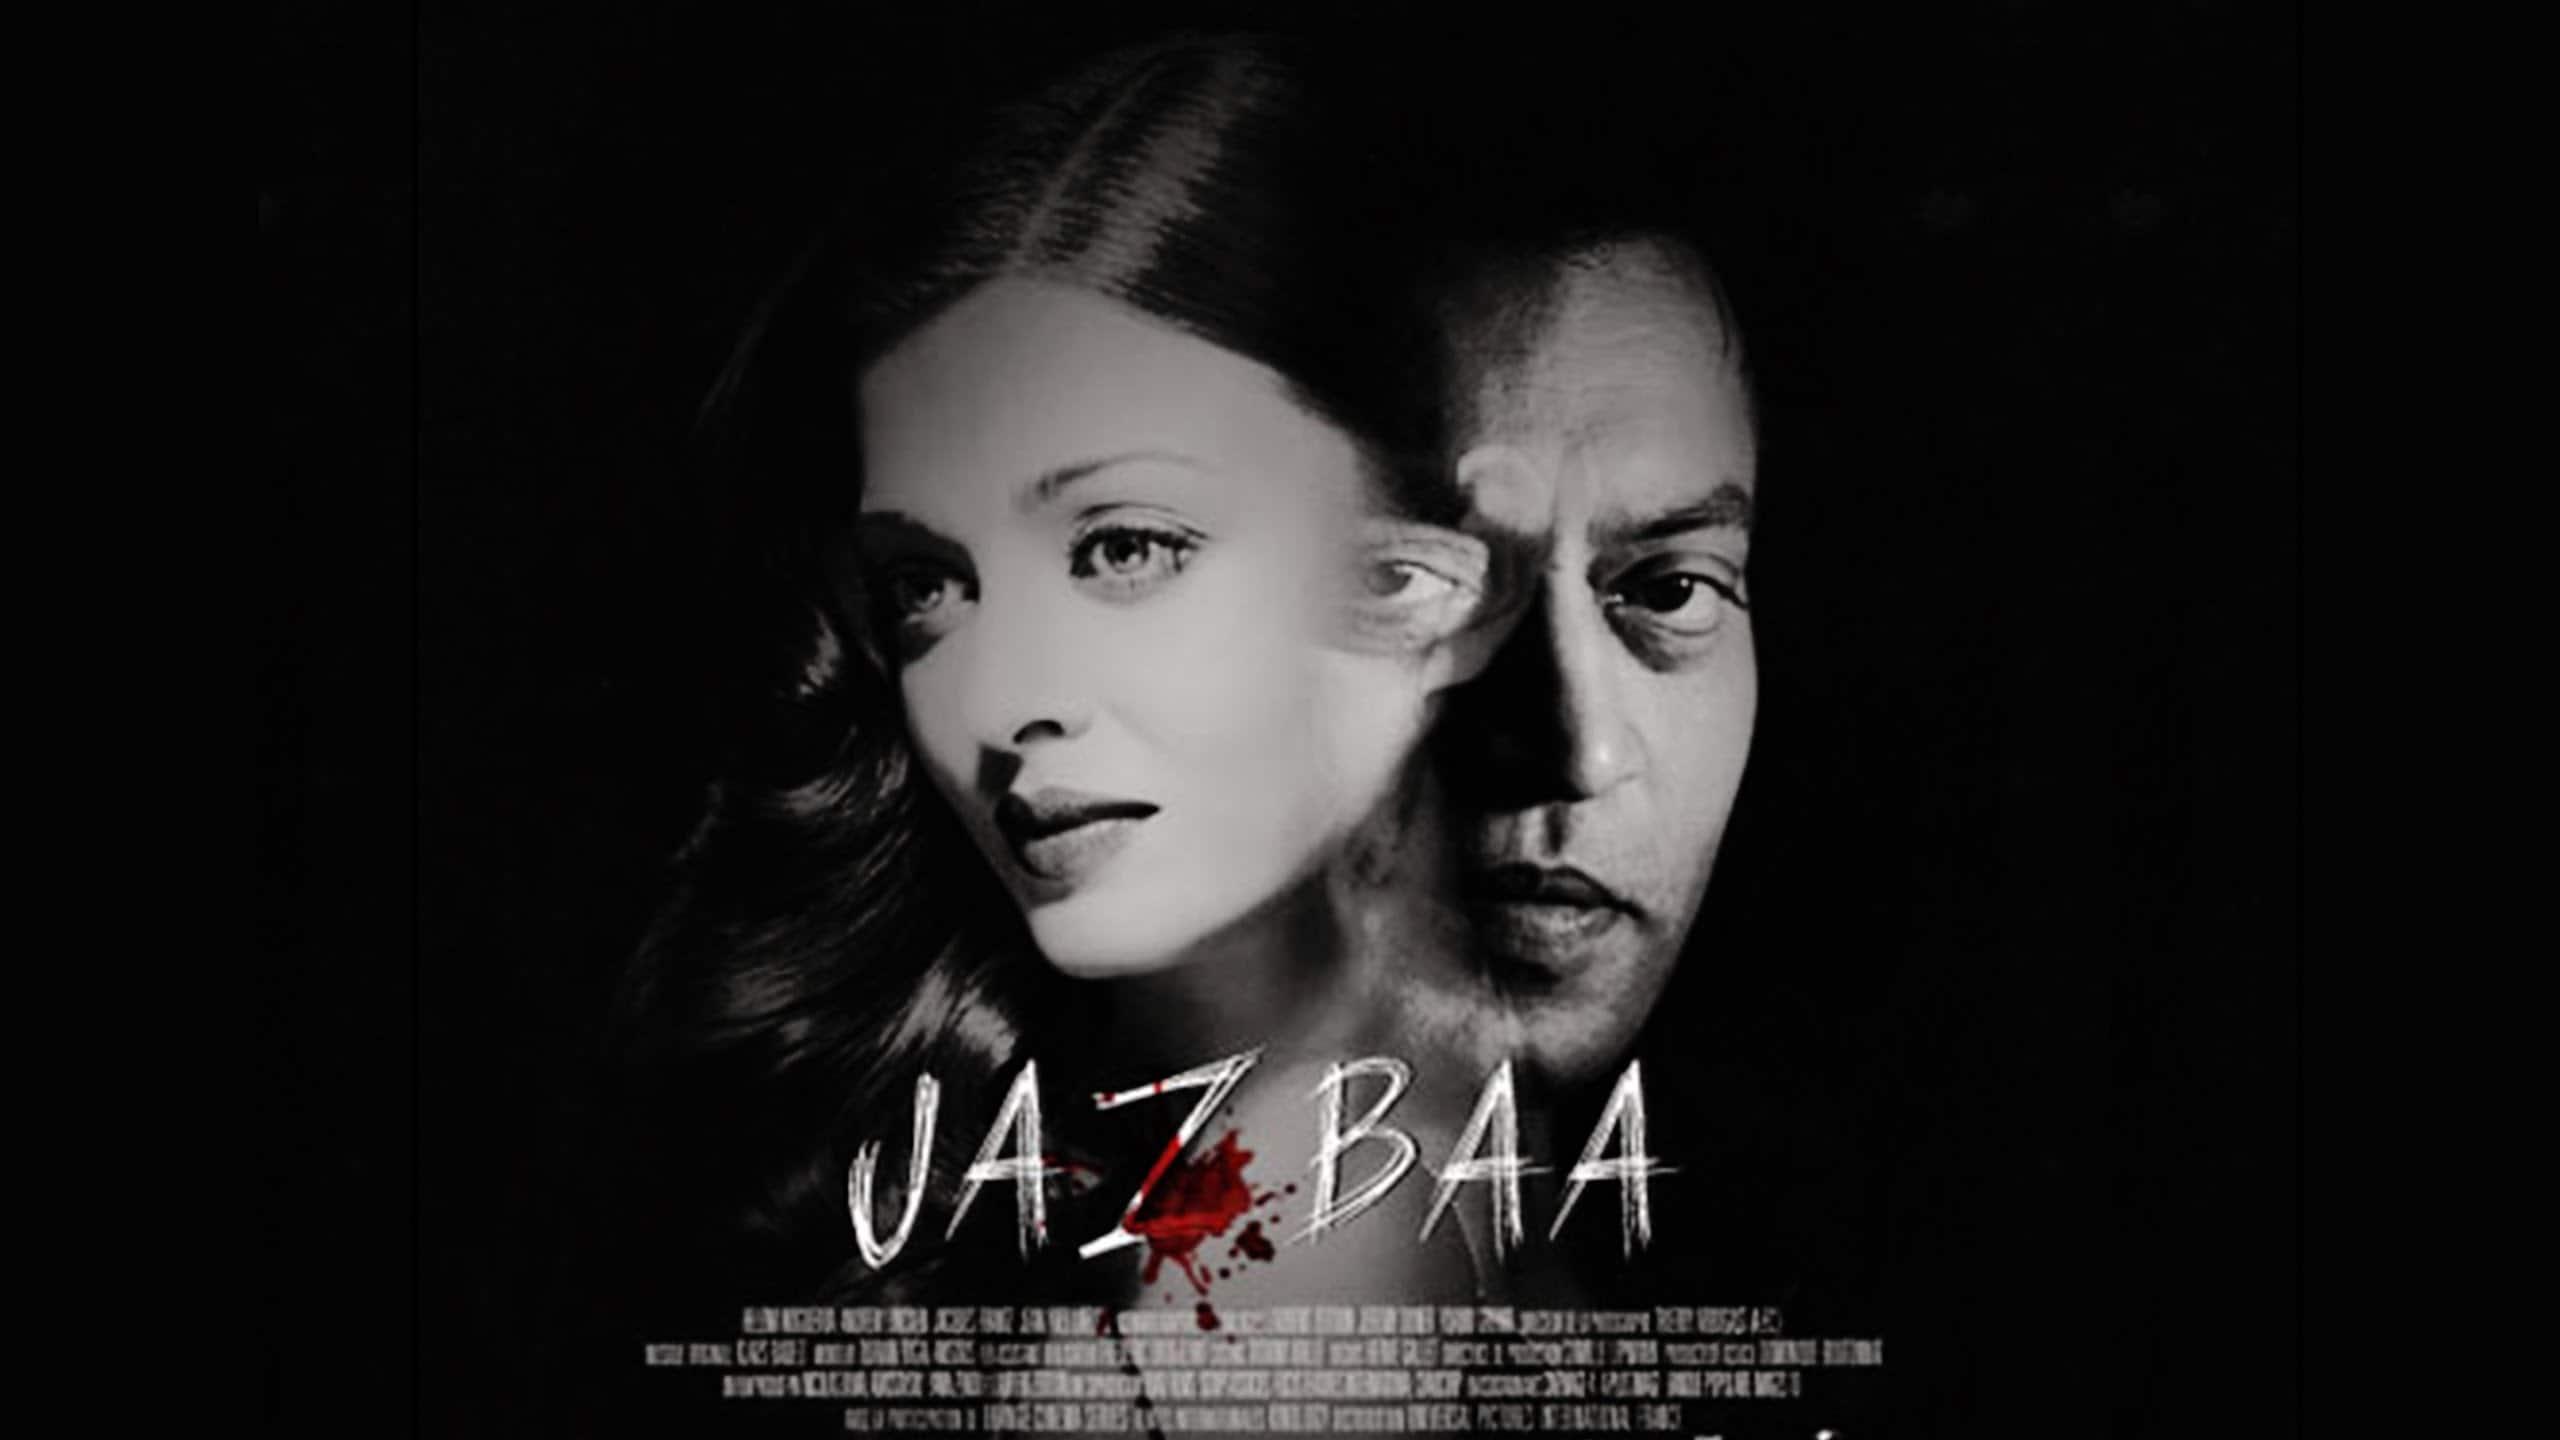 'जज़्बा' ने तीन दिन में कमाए 15.24 करोड़